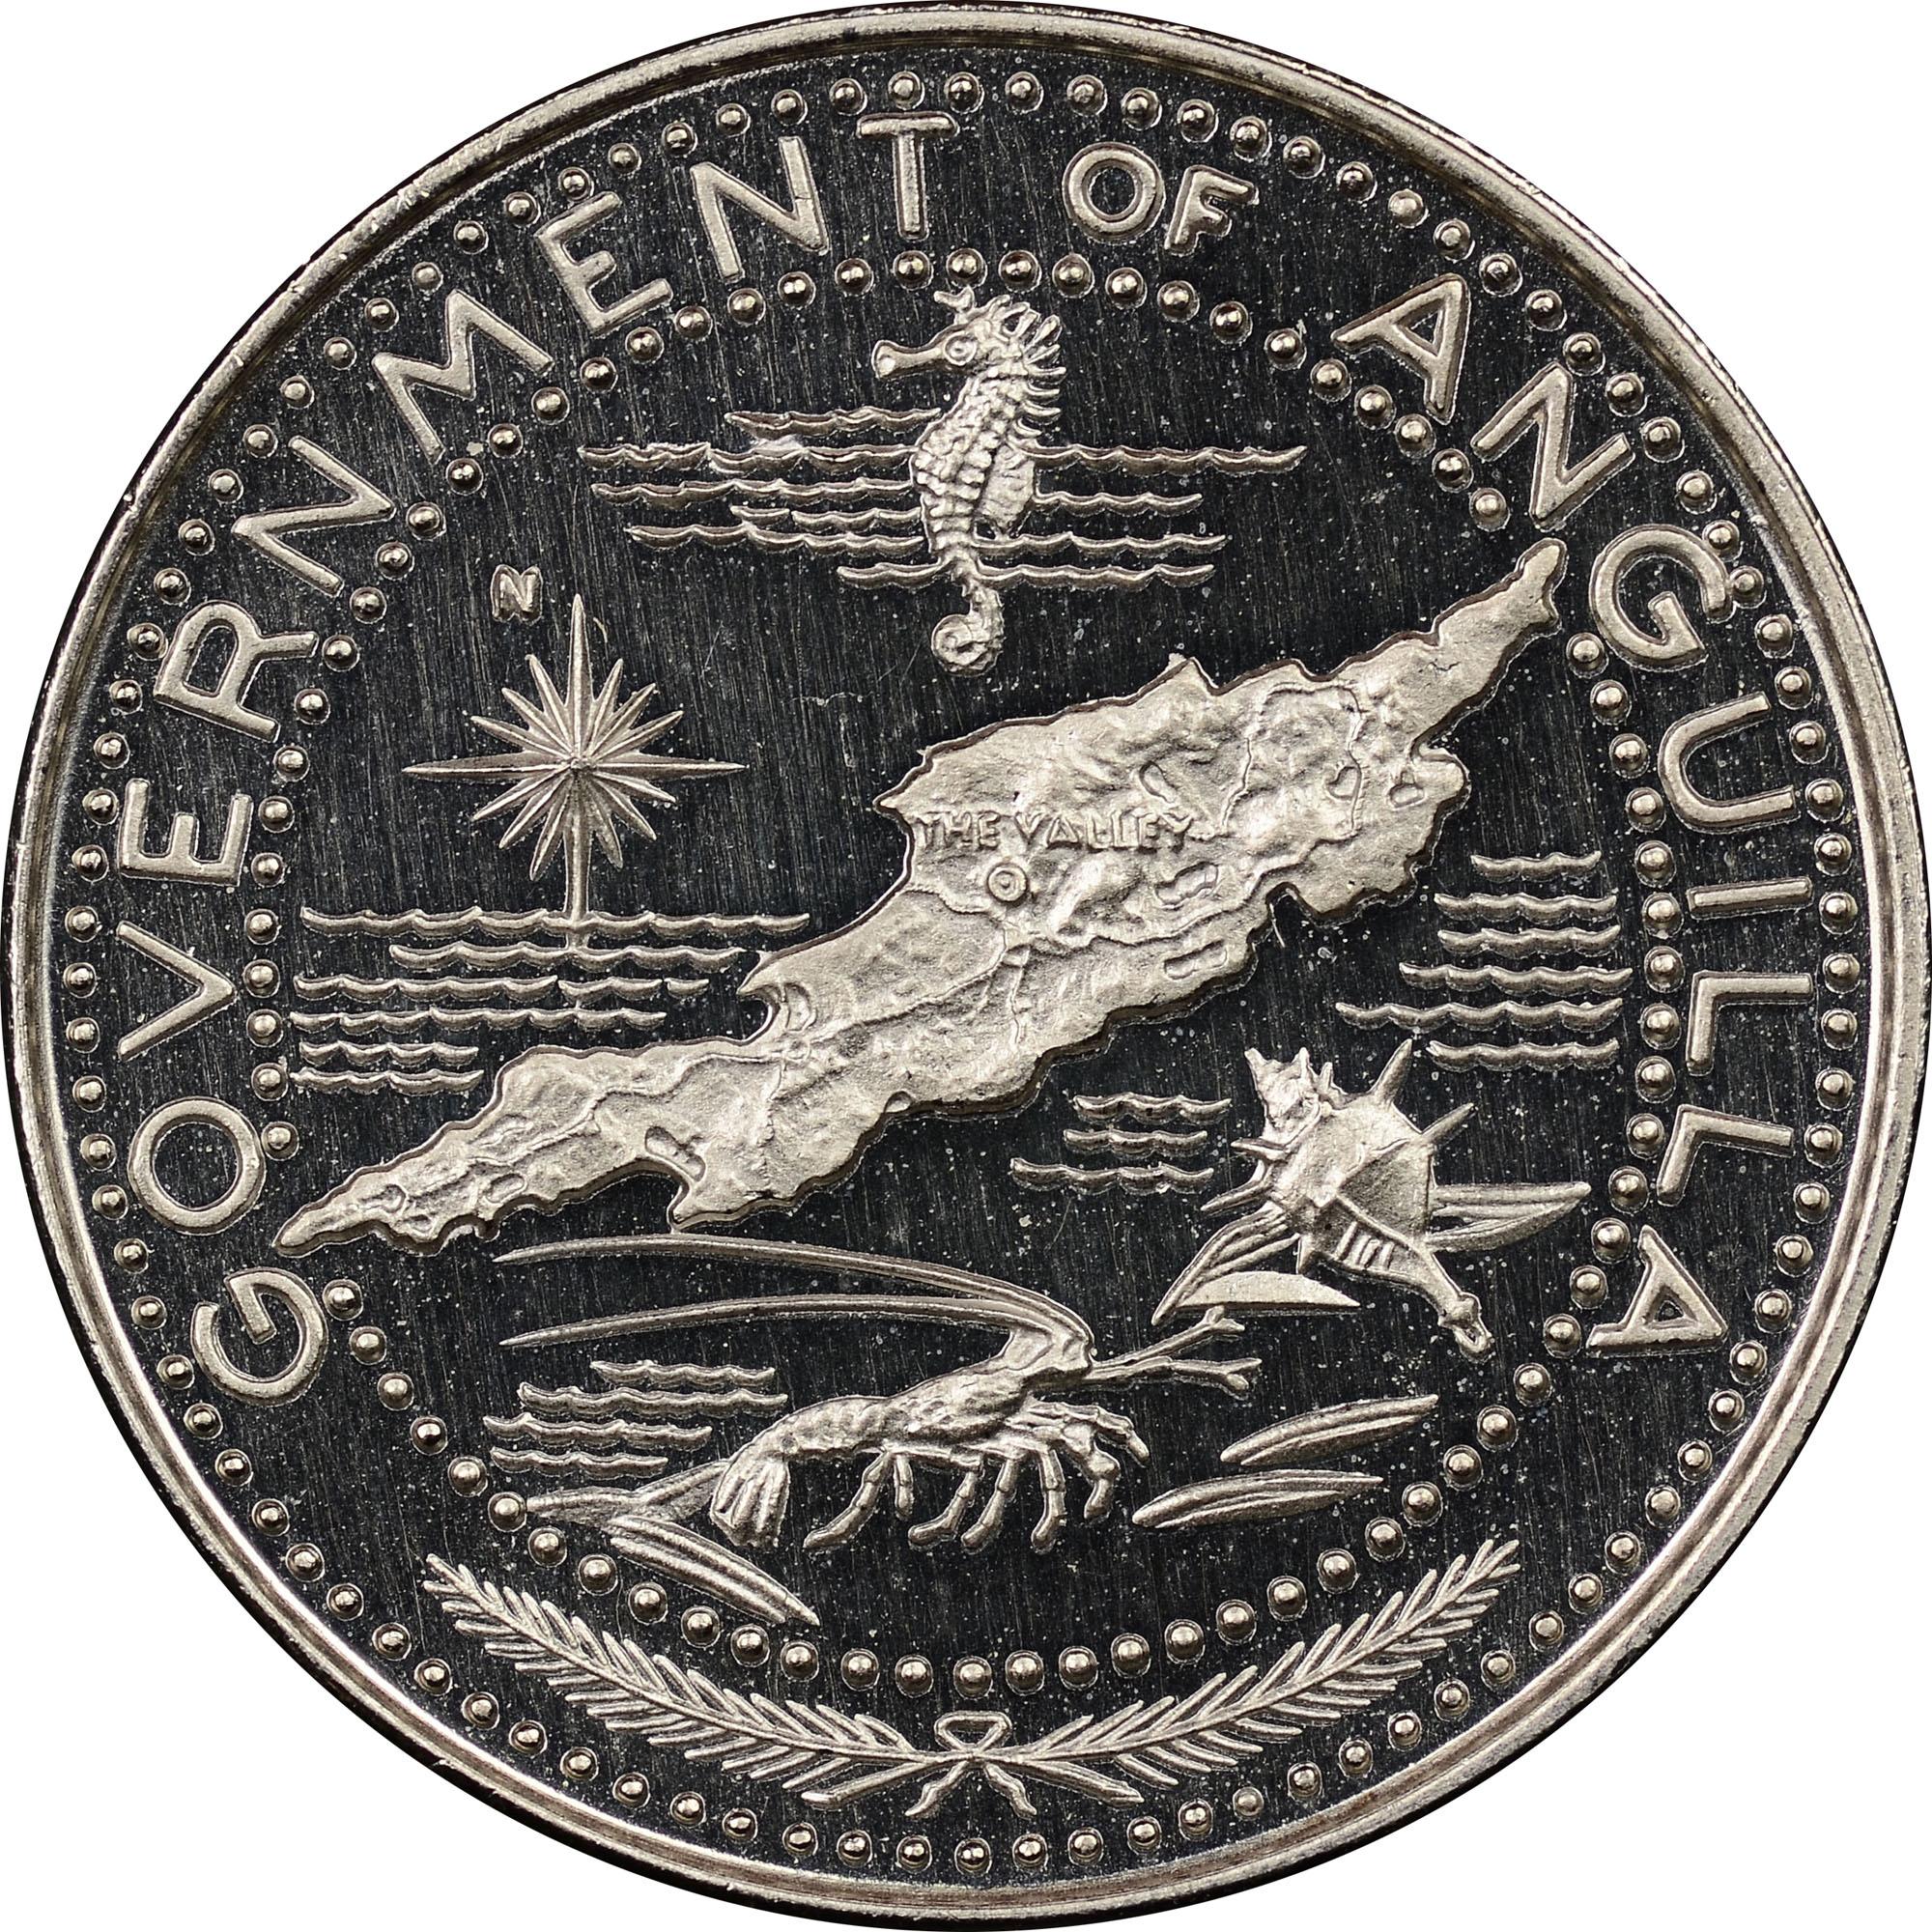 1969-ND Anguilla Dollar obverse